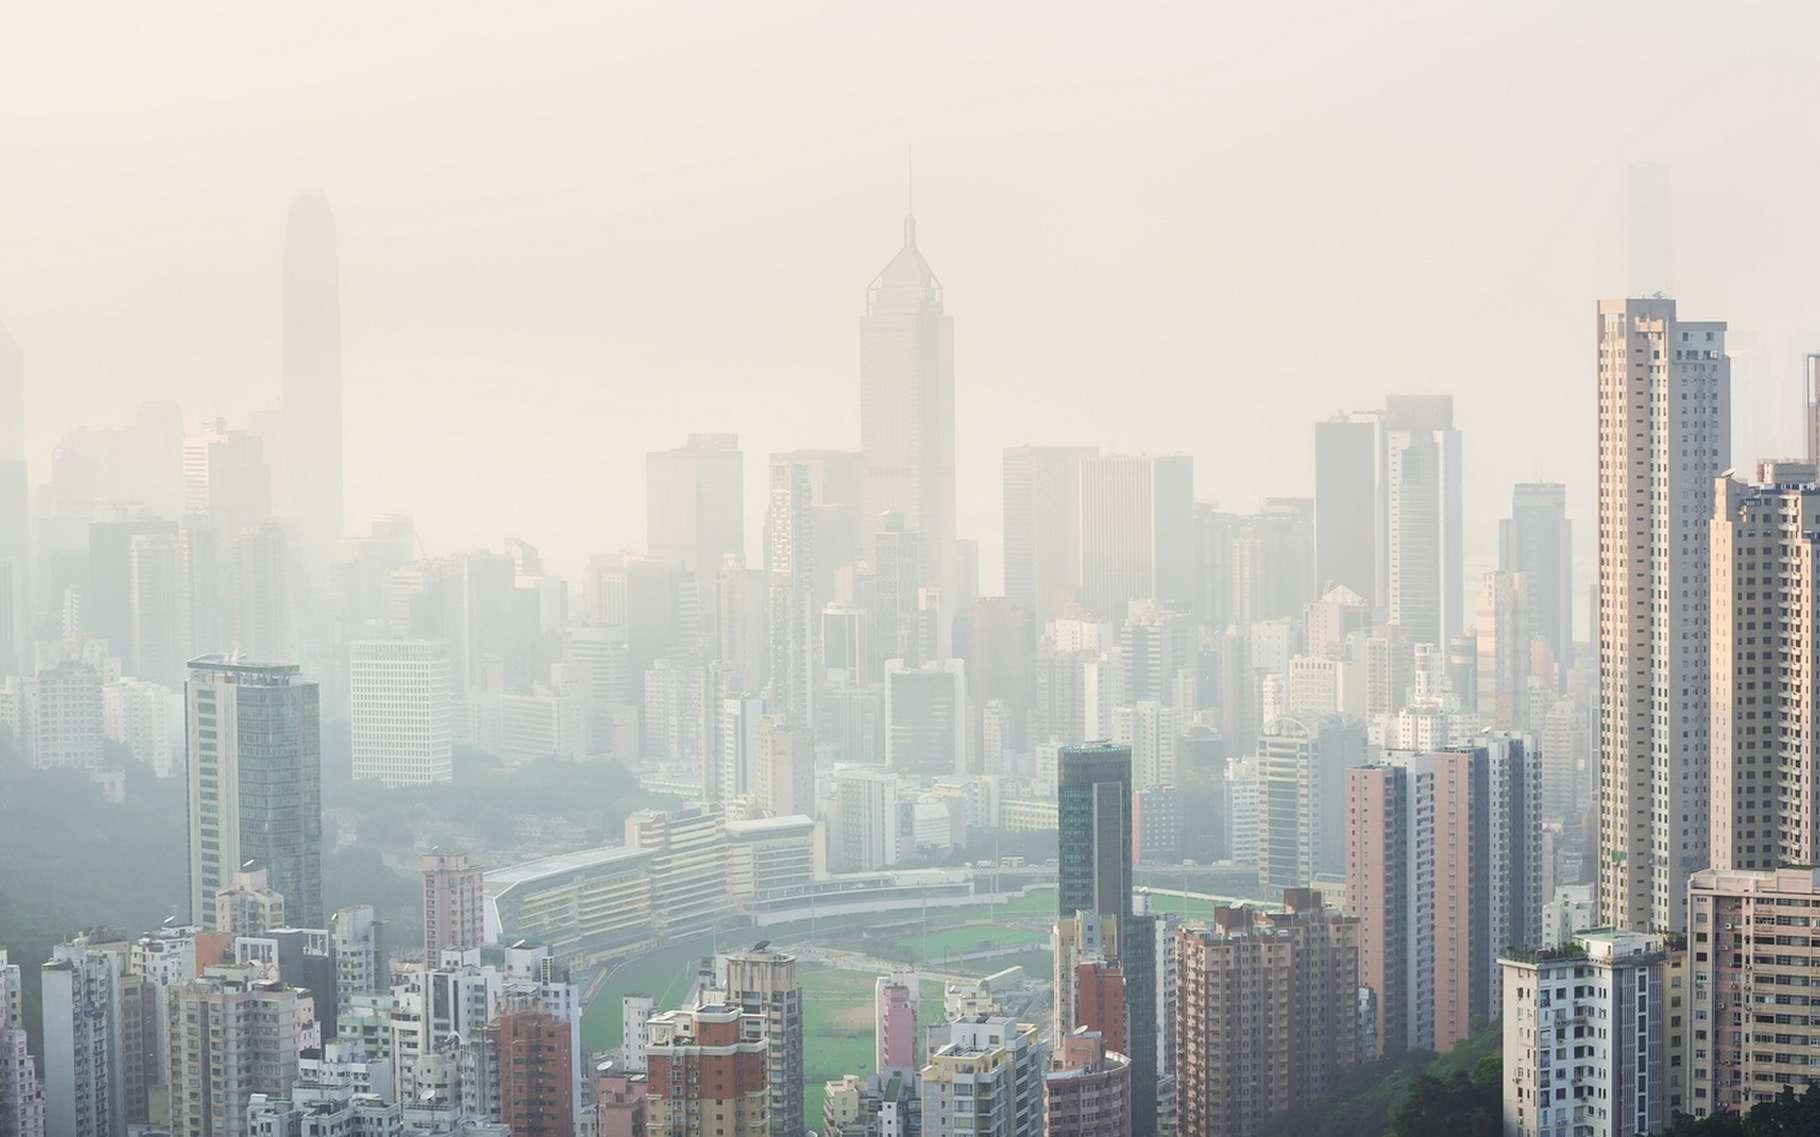 En sillonnant la moindre rue d'une ville, les voitures Street View de Google peuvent effectuer des mesures de la qualité de l'air avec une précision inédite. © Stripped Pixel, Fotolia